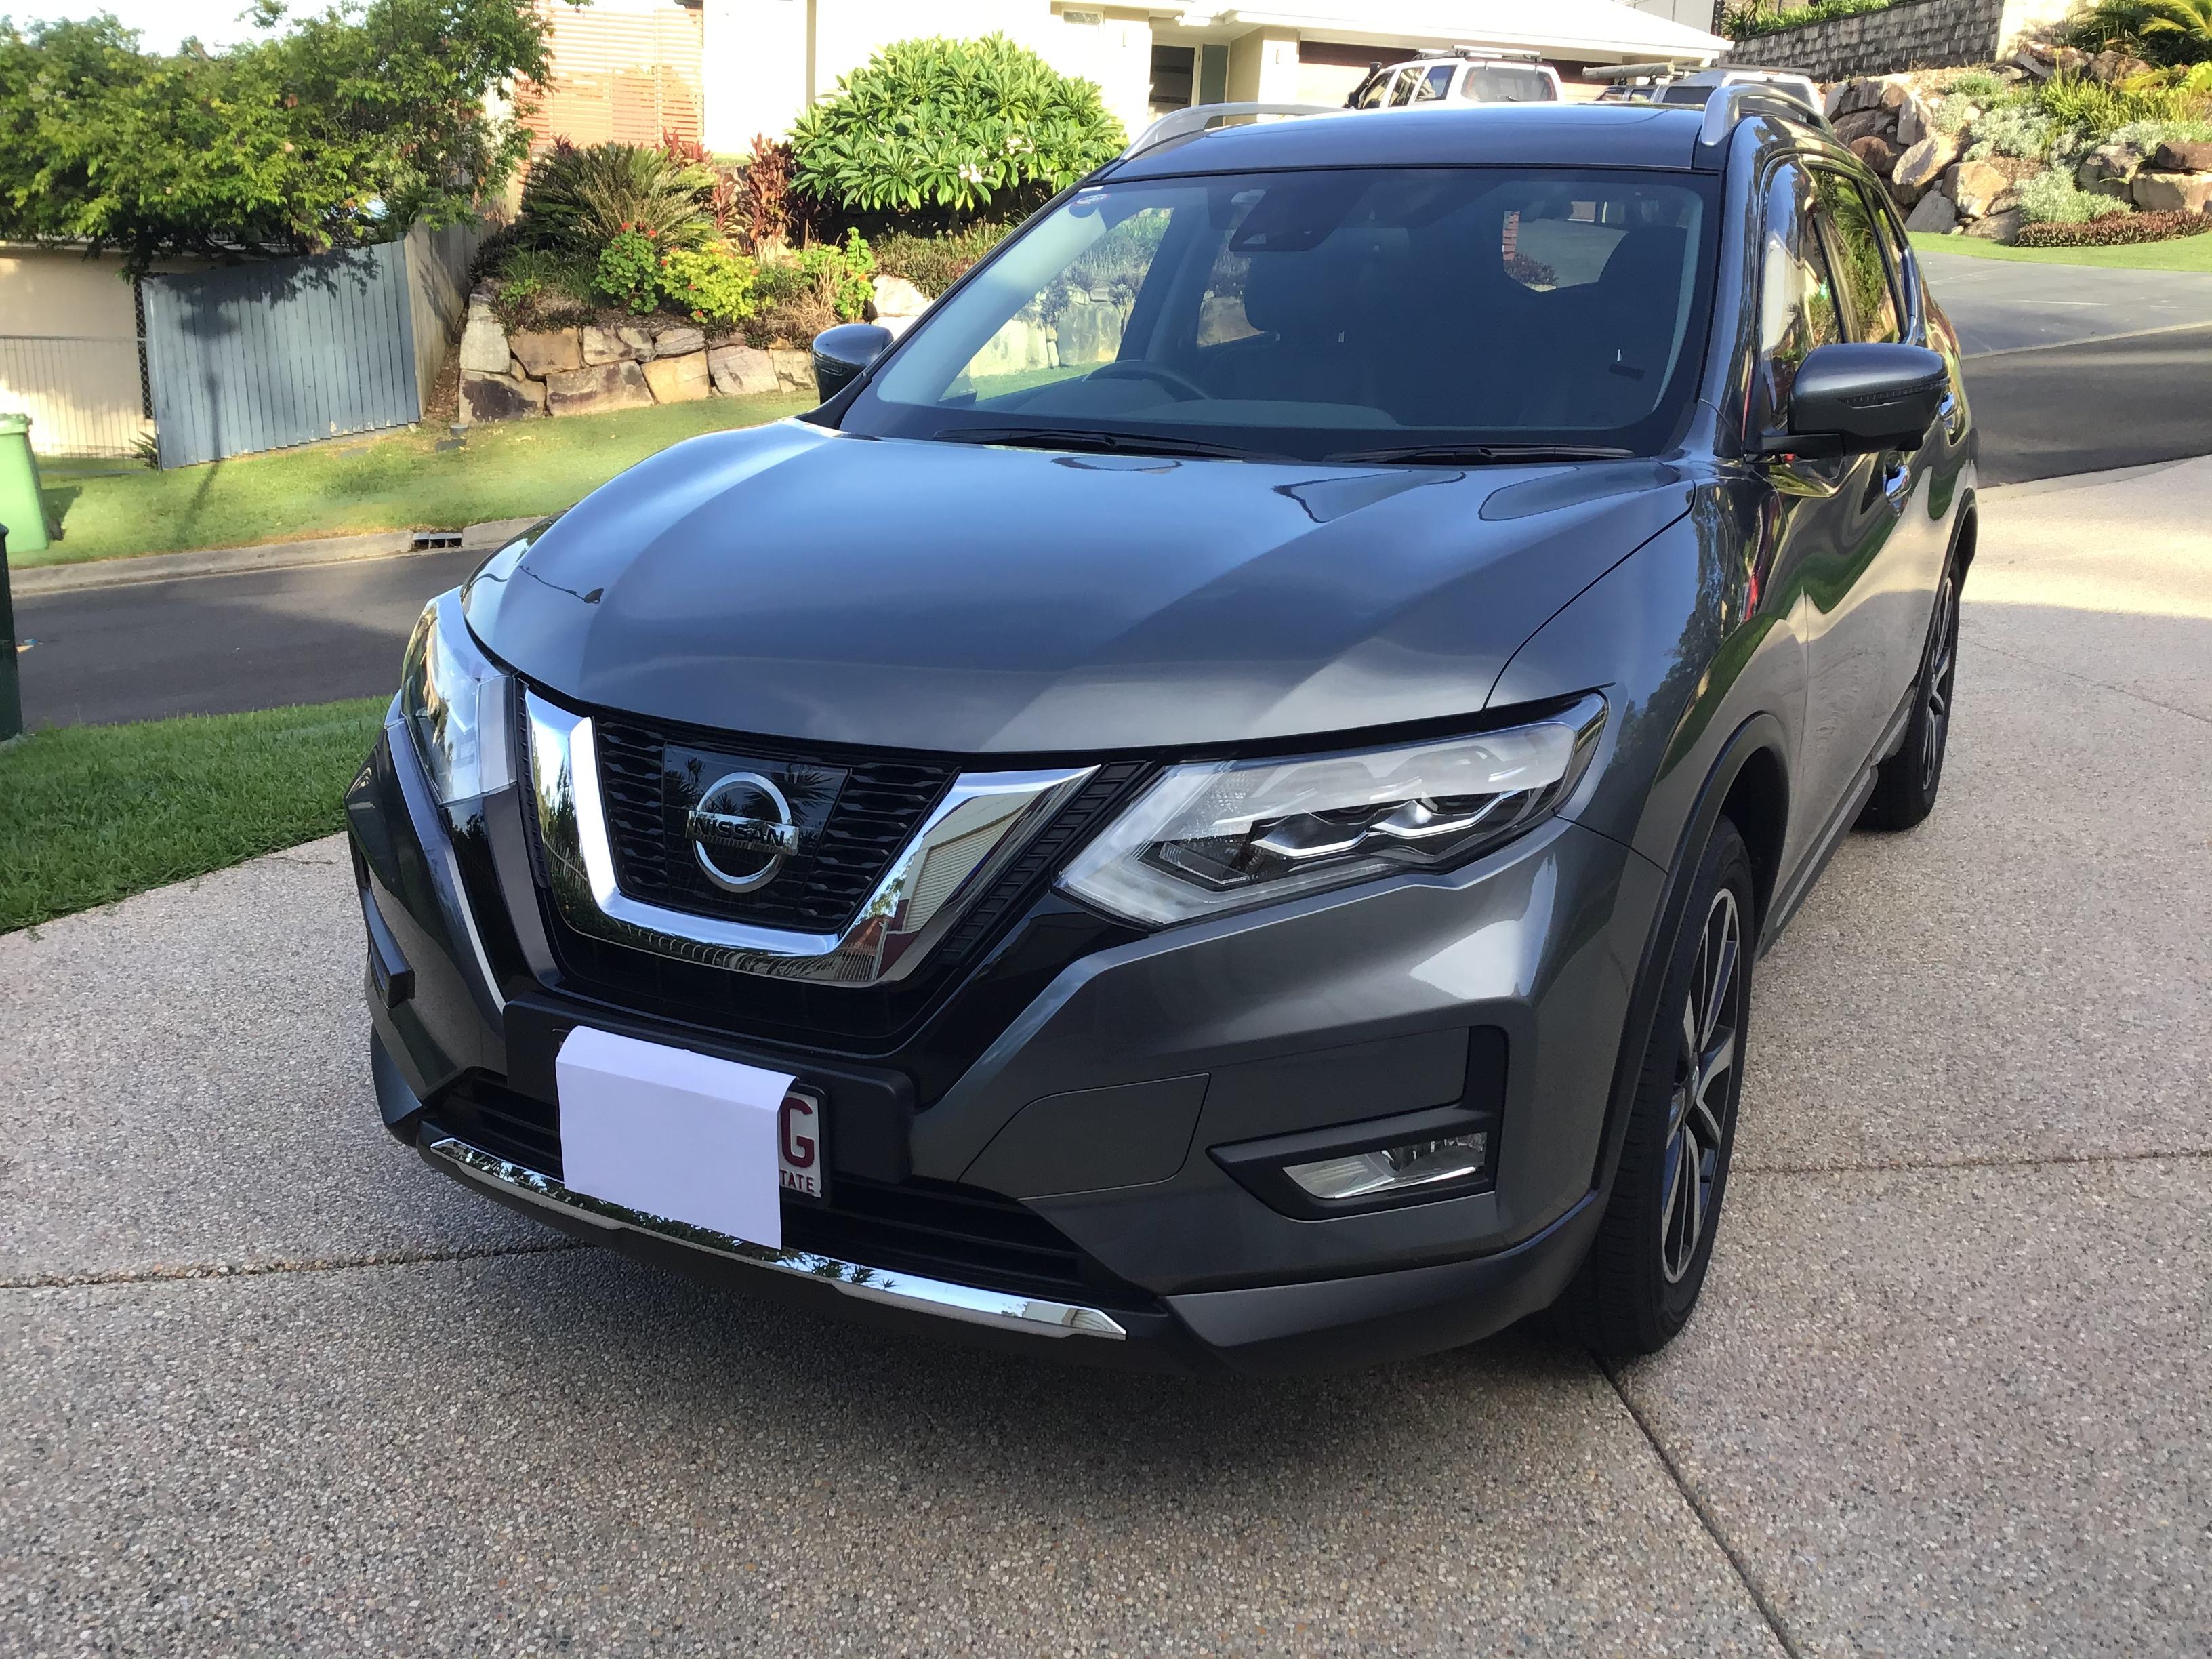 2017 Nissan X Trail ti   15,000km, Auto, Rego & RWC, With all Factory Extras, Like...